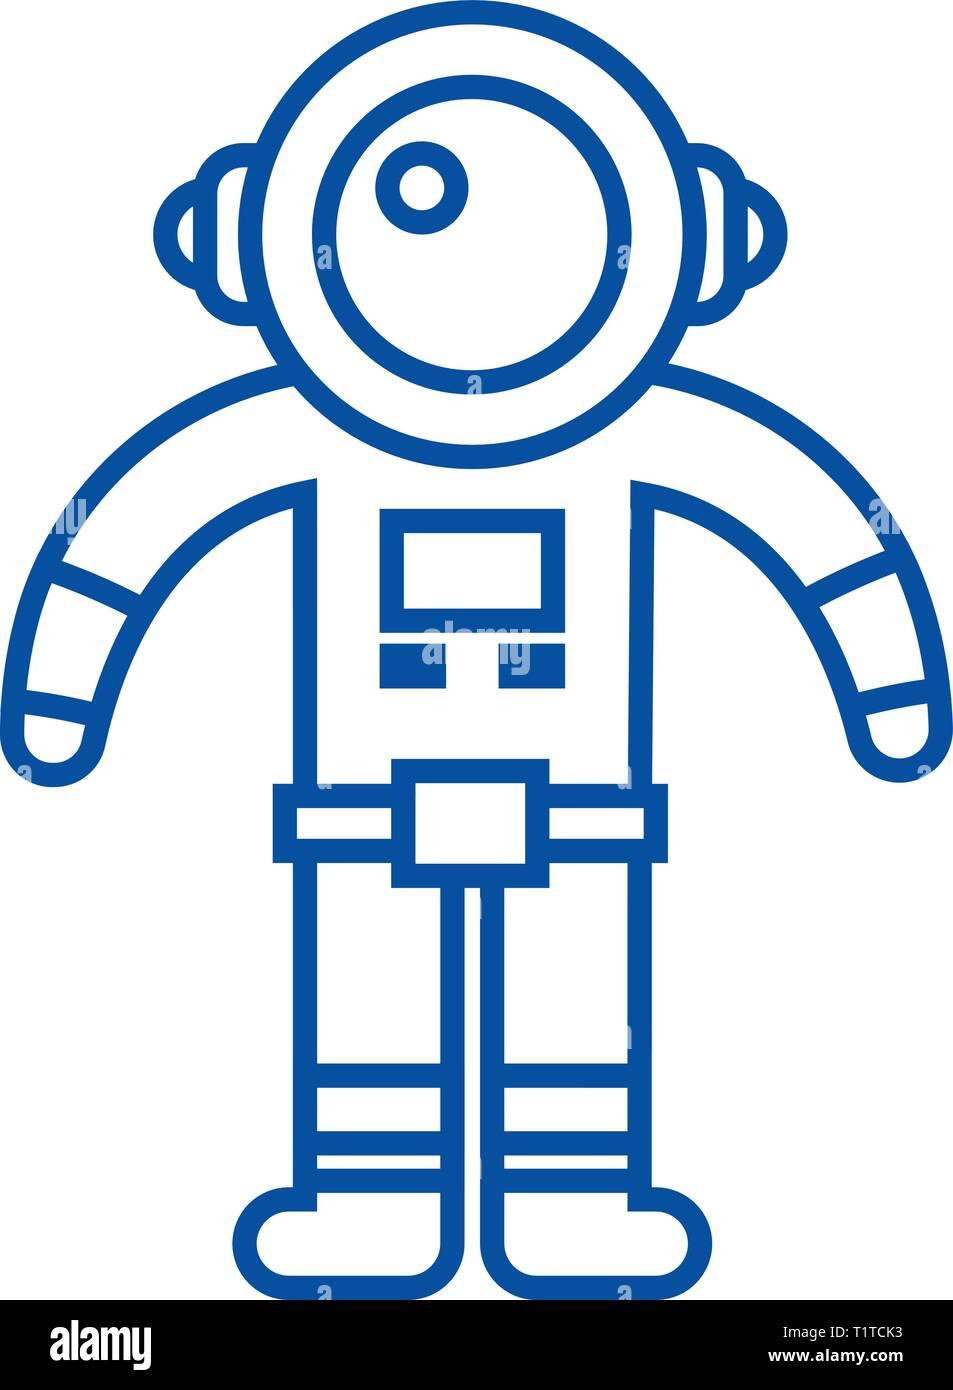 Spaceman Symbol Leitung Konzept. Spaceman flachbild Vektor Symbol, Zeichen, umriss Abbildung. Stockbild